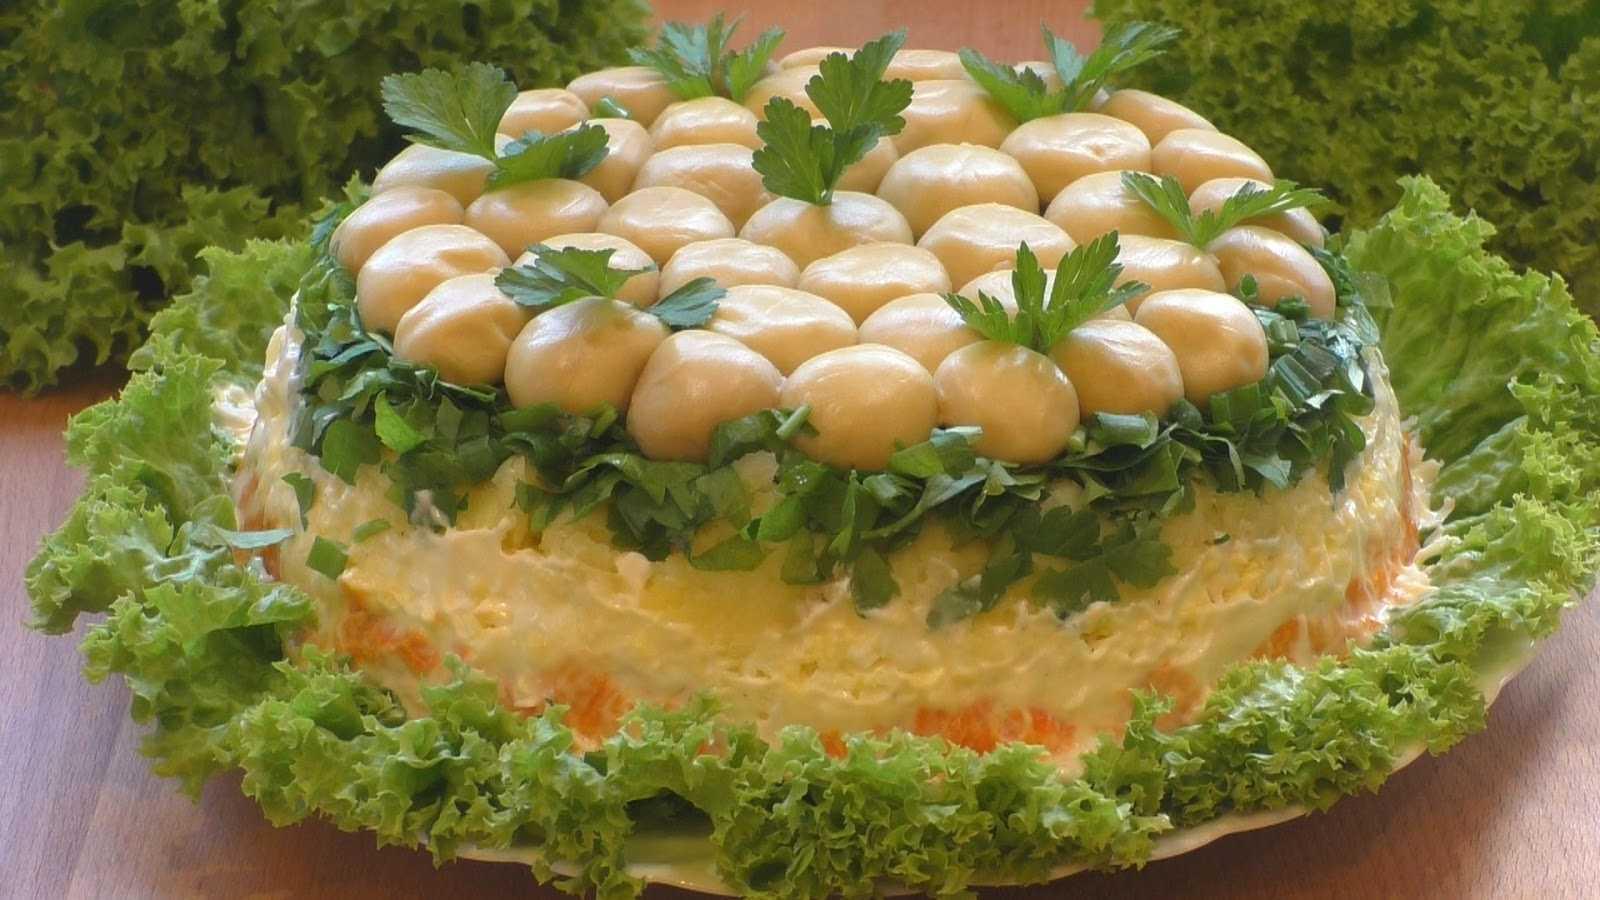 Рецепты салата лесная поляна с шампиньонами или опятами: пошаговое приготовление с фото и видео